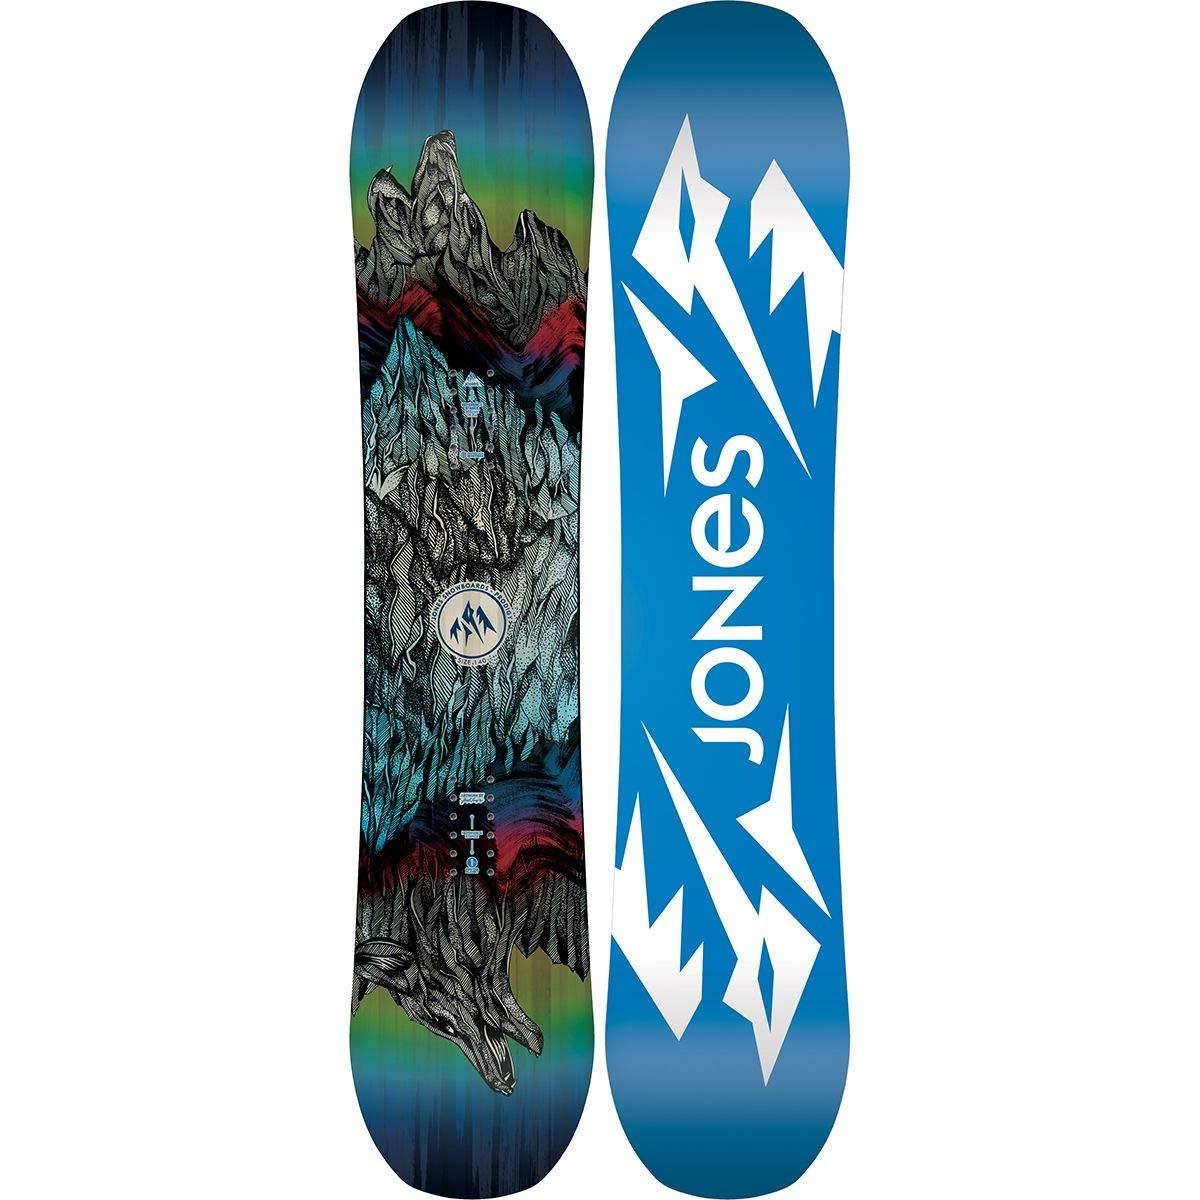 Jones Prodigy スノーボード - キッズ2019  115cm